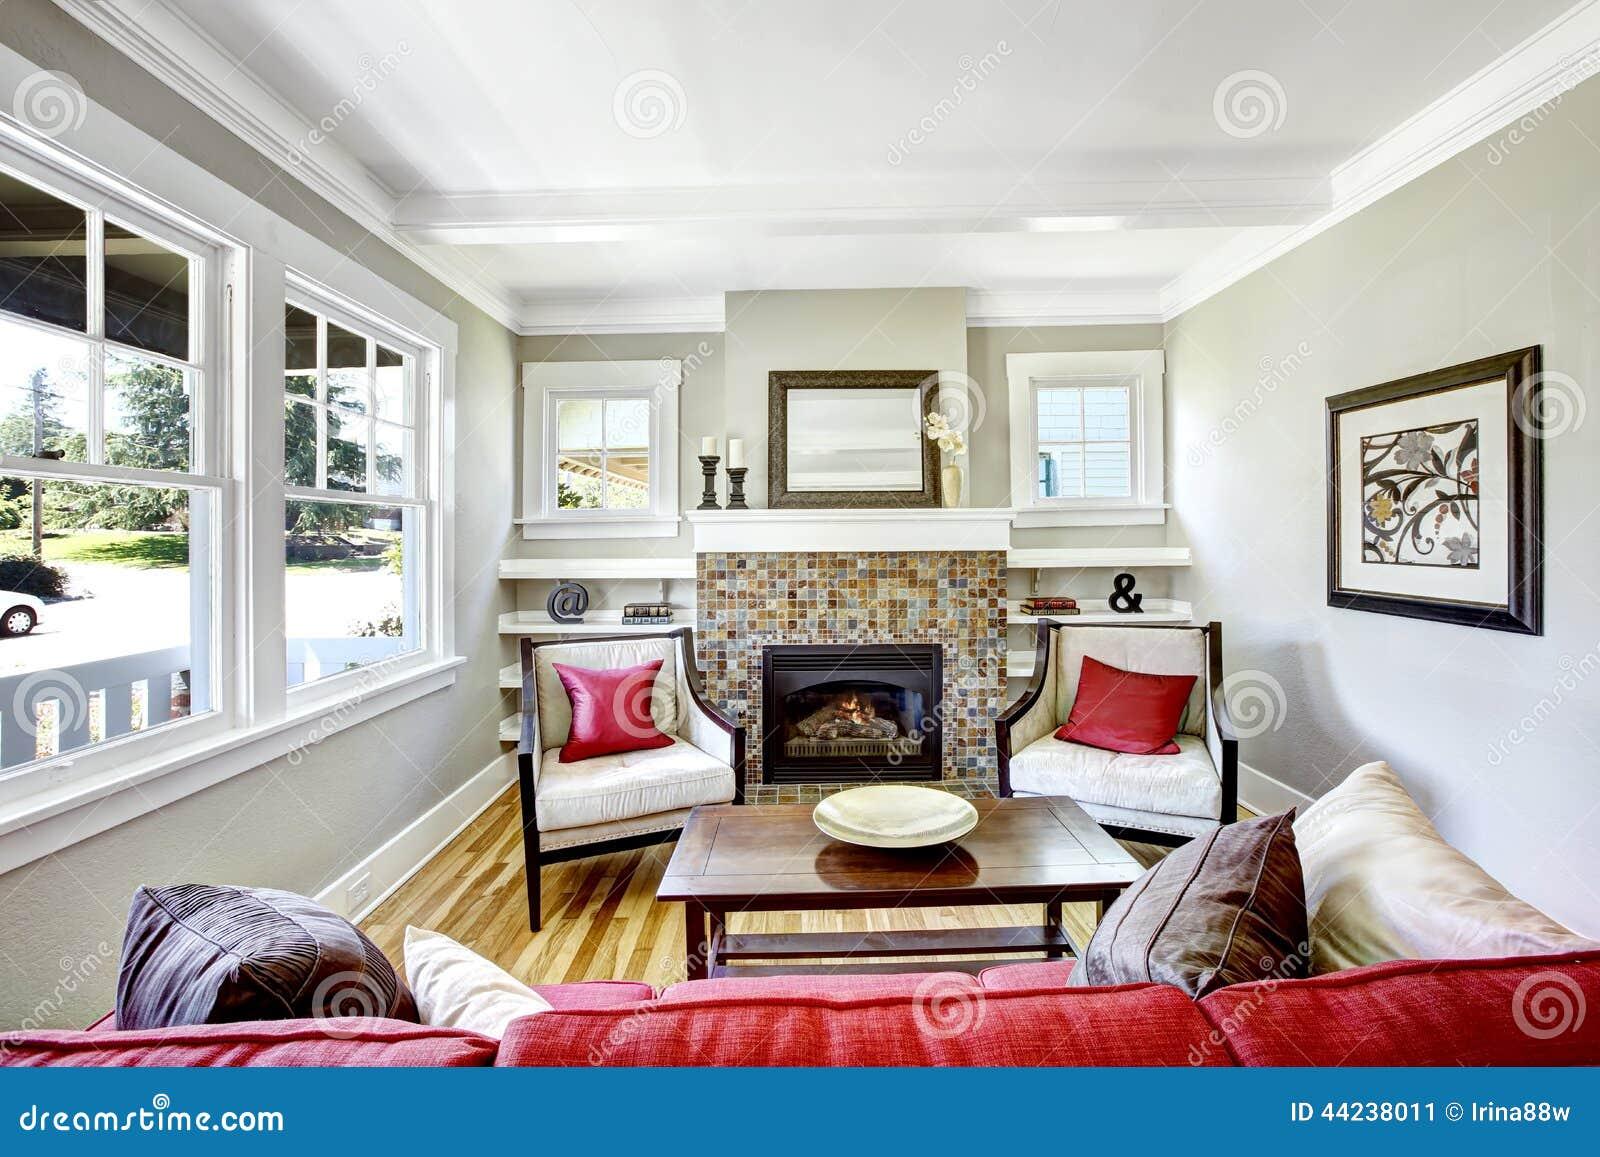 Gemtliches Kleines Wohnzimmer Mit Kamin Stockbild